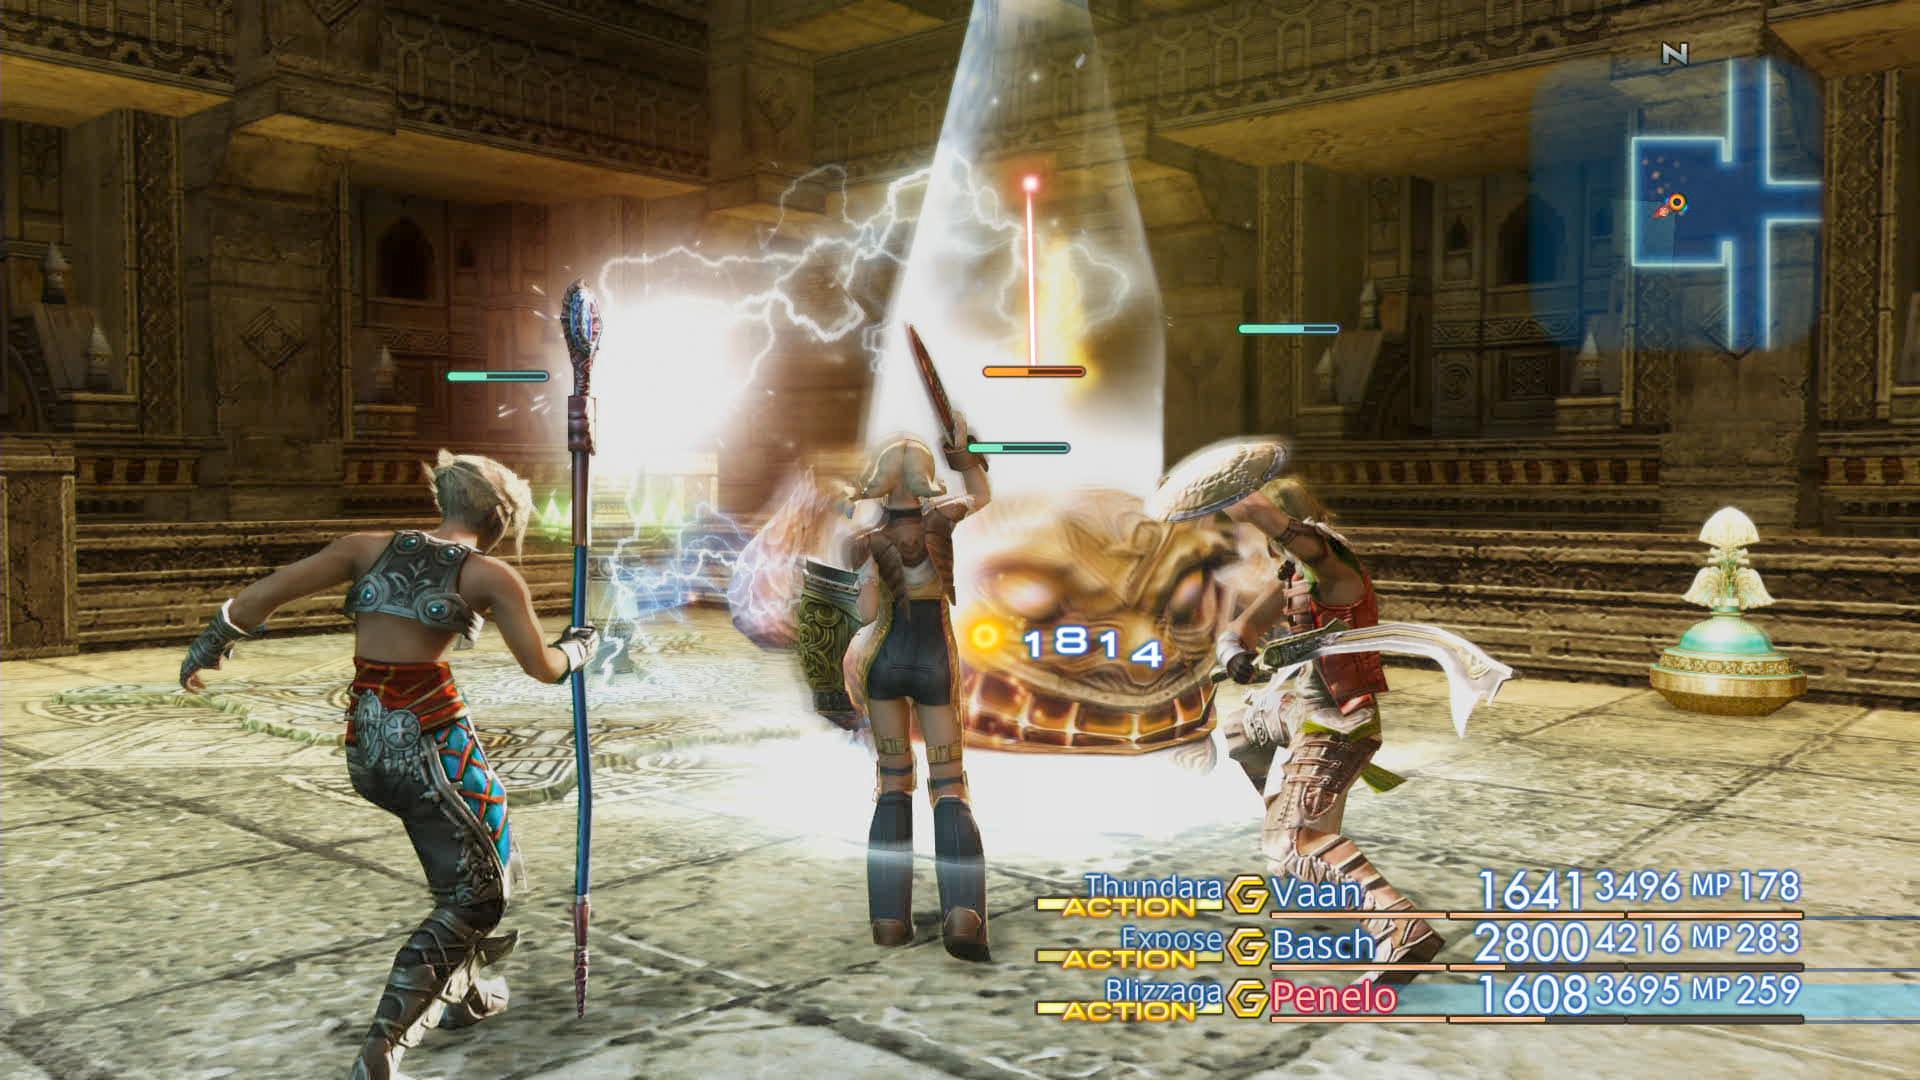 Boje a předělové scény z Final Fantasy XII: The Zodiac Age 142337